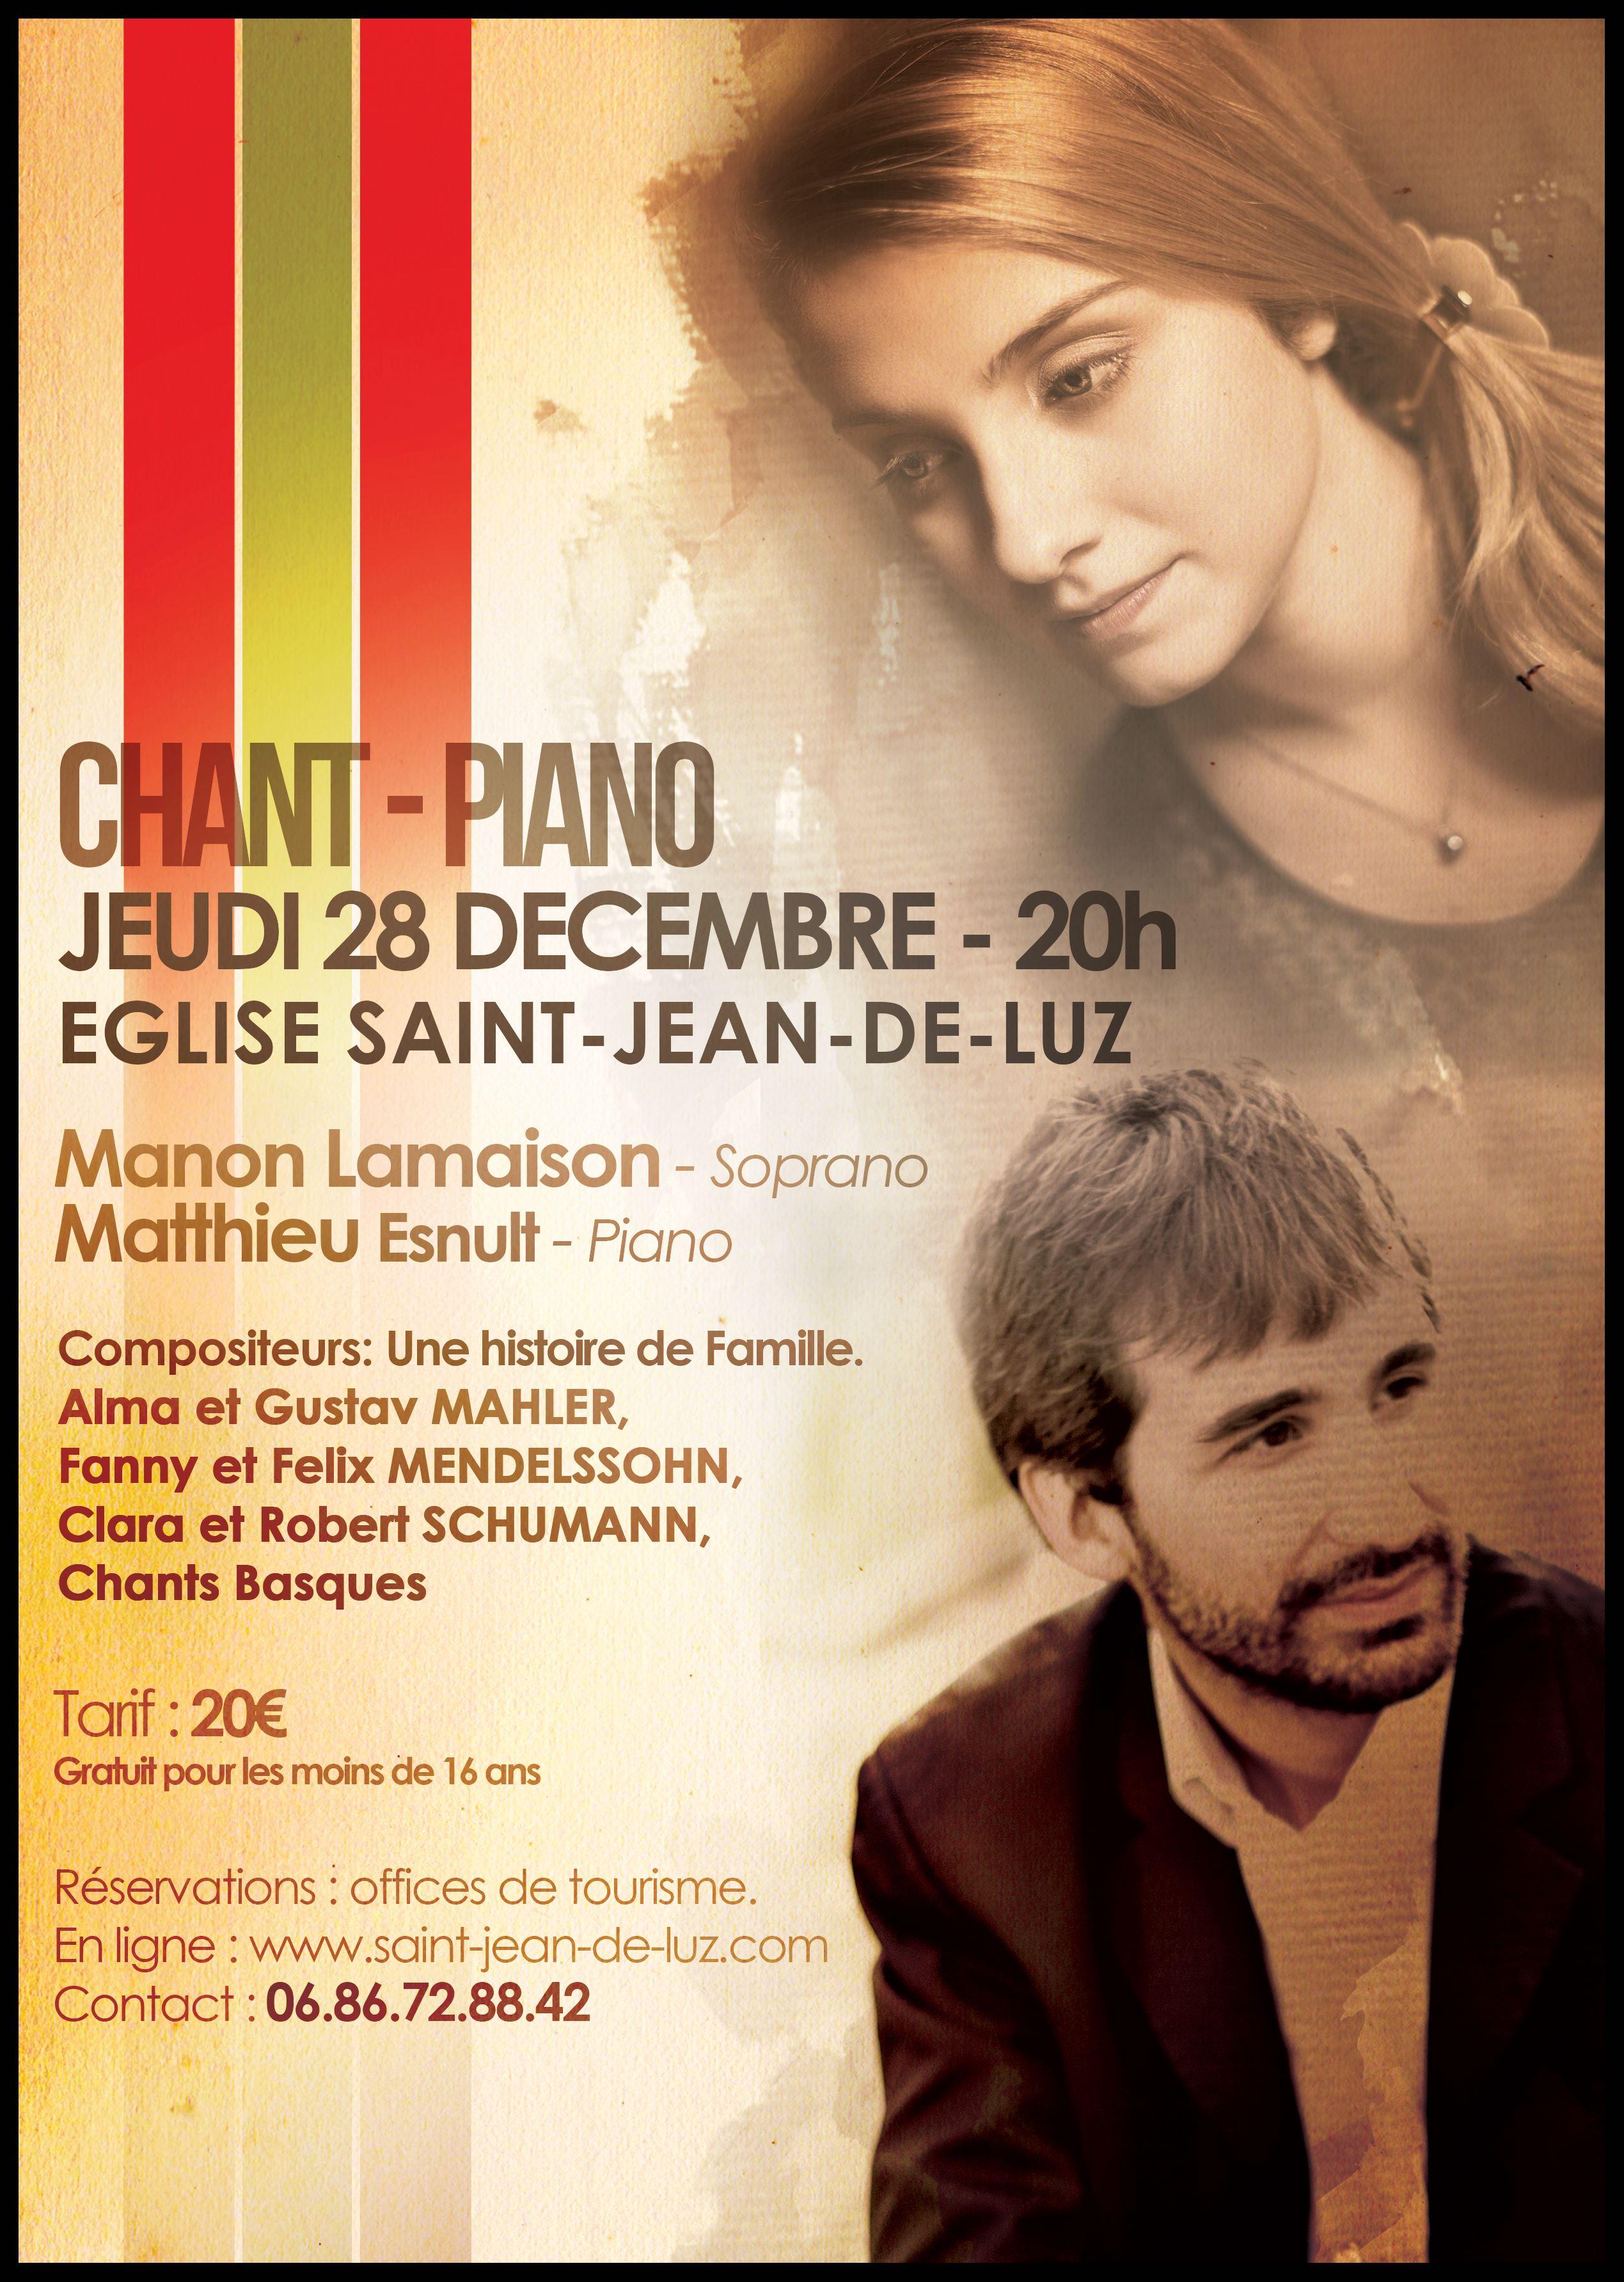 Grand Concert exceptionnel de Chant-Piano : Manon LAMAISON - Matthieu ESNULT, Jeudi 28 décembre 2017 à 20h - Eglise de Saint-Jean-de-Luz